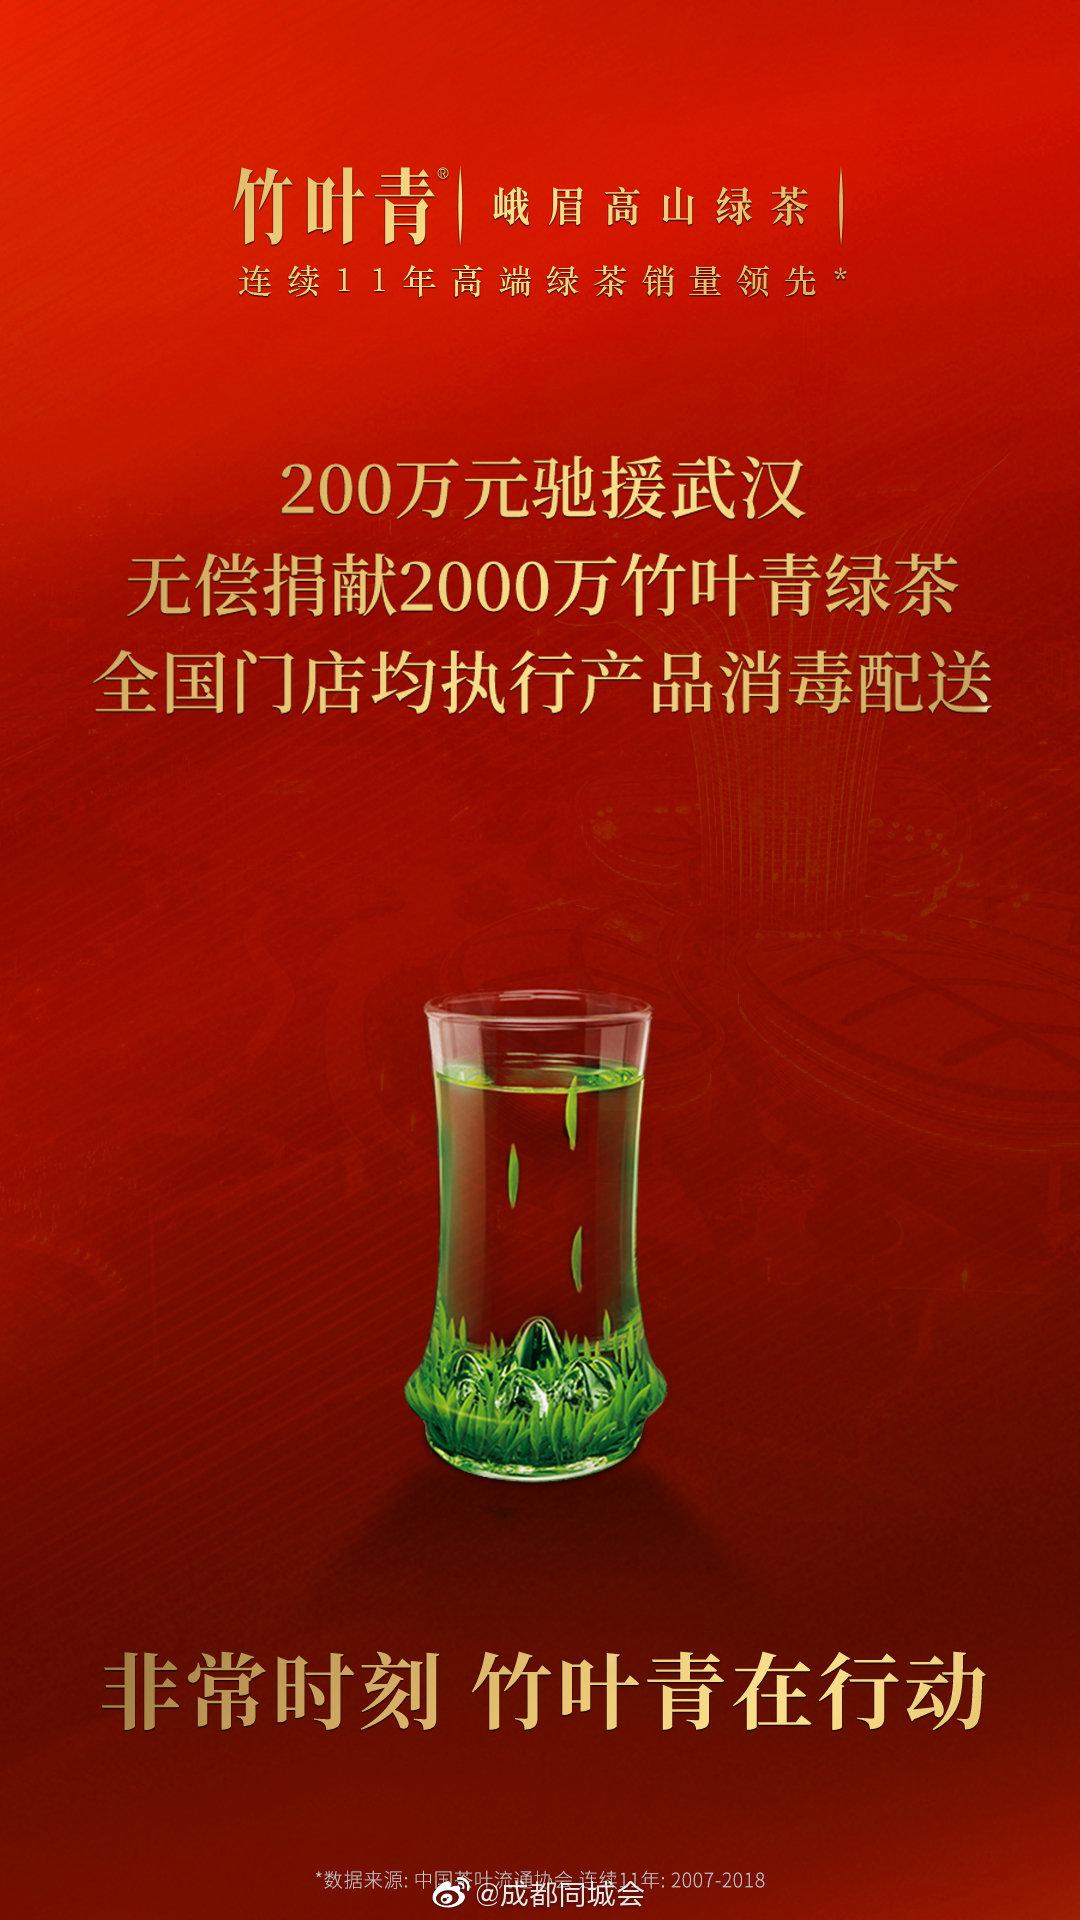 面对疫情,@竹叶青峨眉高山绿茶 紧急捐款200万现金